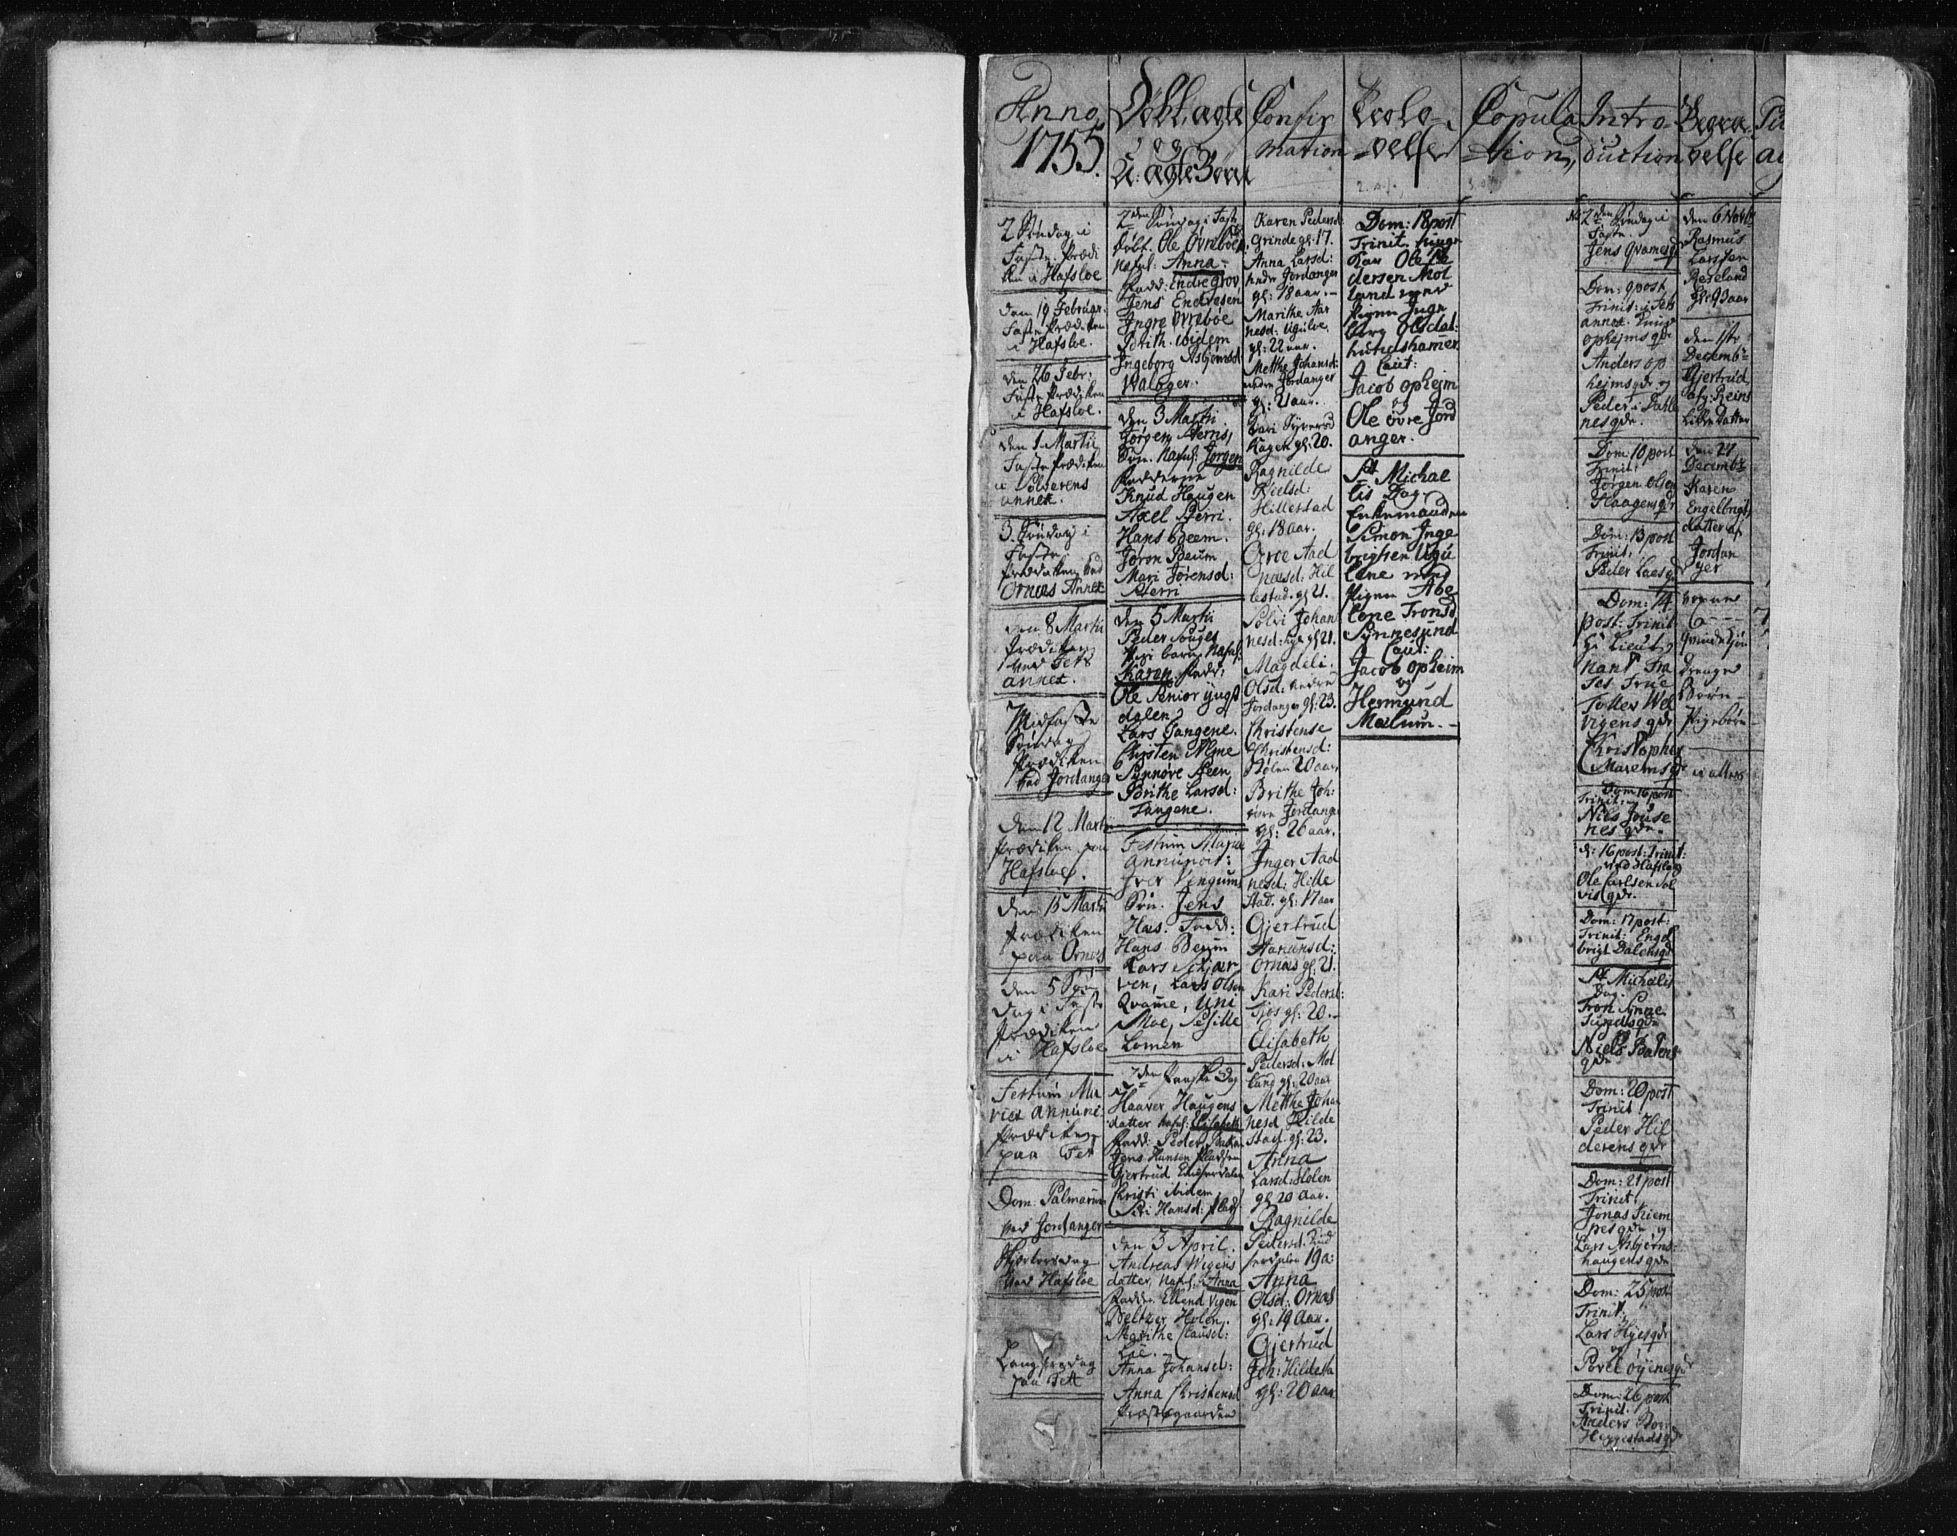 SAB, Hafslo Sokneprestembete, Ministerialbok nr. A 2, 1755-1806, s. 3-4